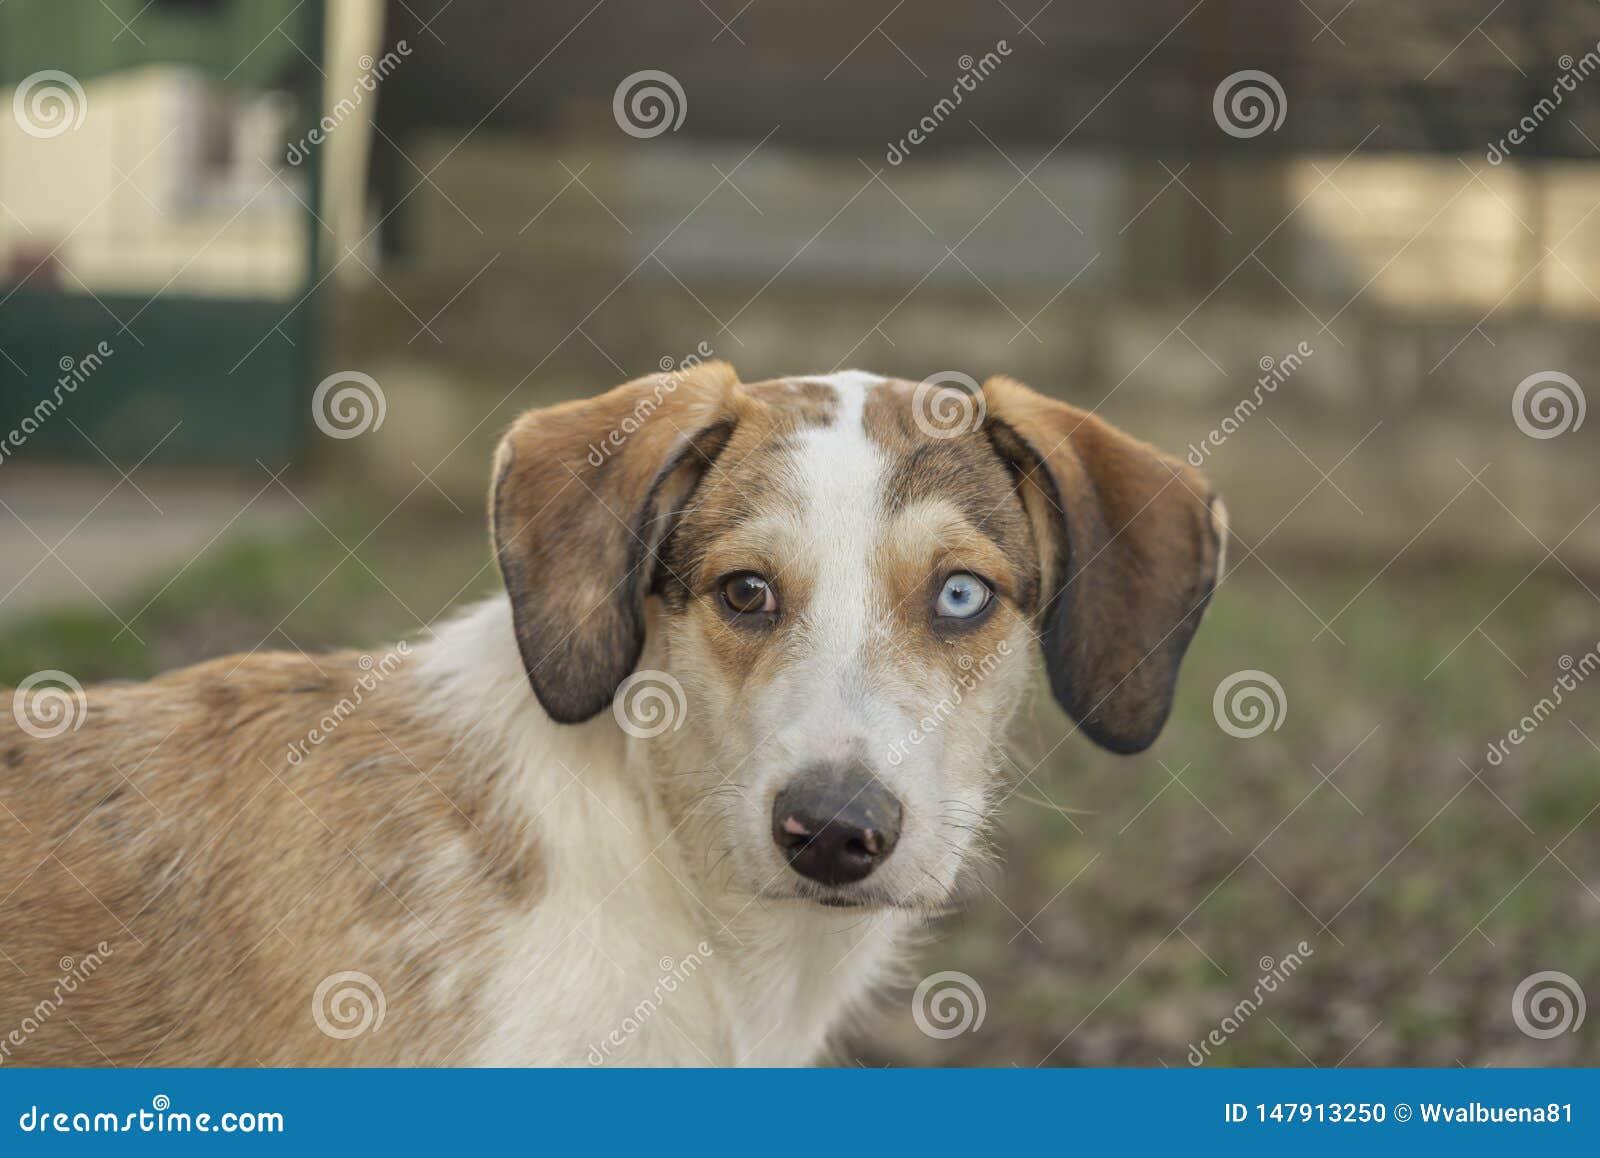 Espressione facciale divertente del ritratto del cane